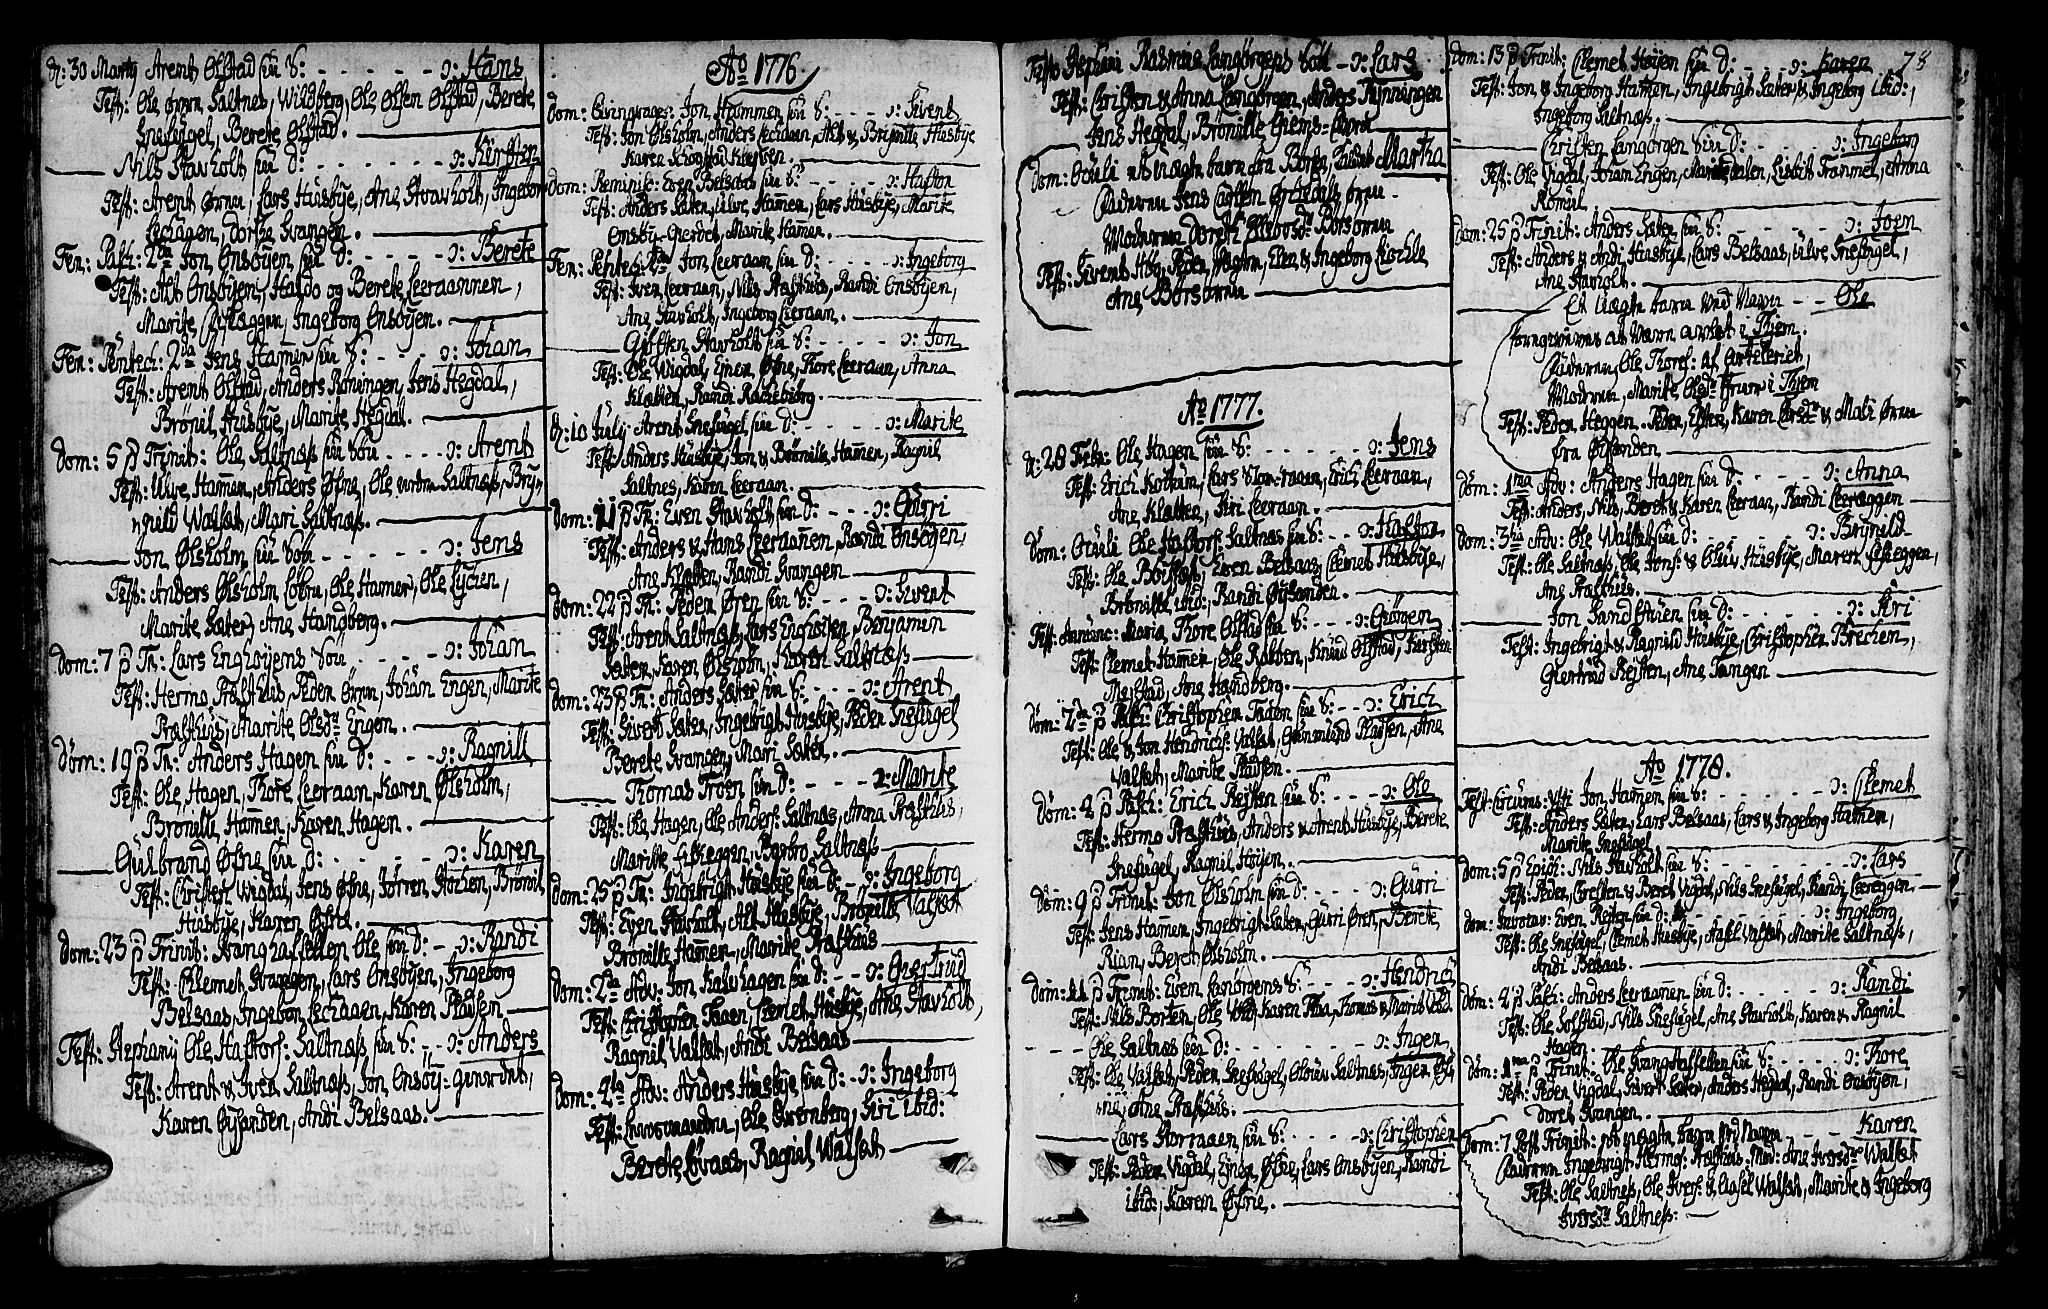 SAT, Ministerialprotokoller, klokkerbøker og fødselsregistre - Sør-Trøndelag, 666/L0784: Ministerialbok nr. 666A02, 1754-1802, s. 78